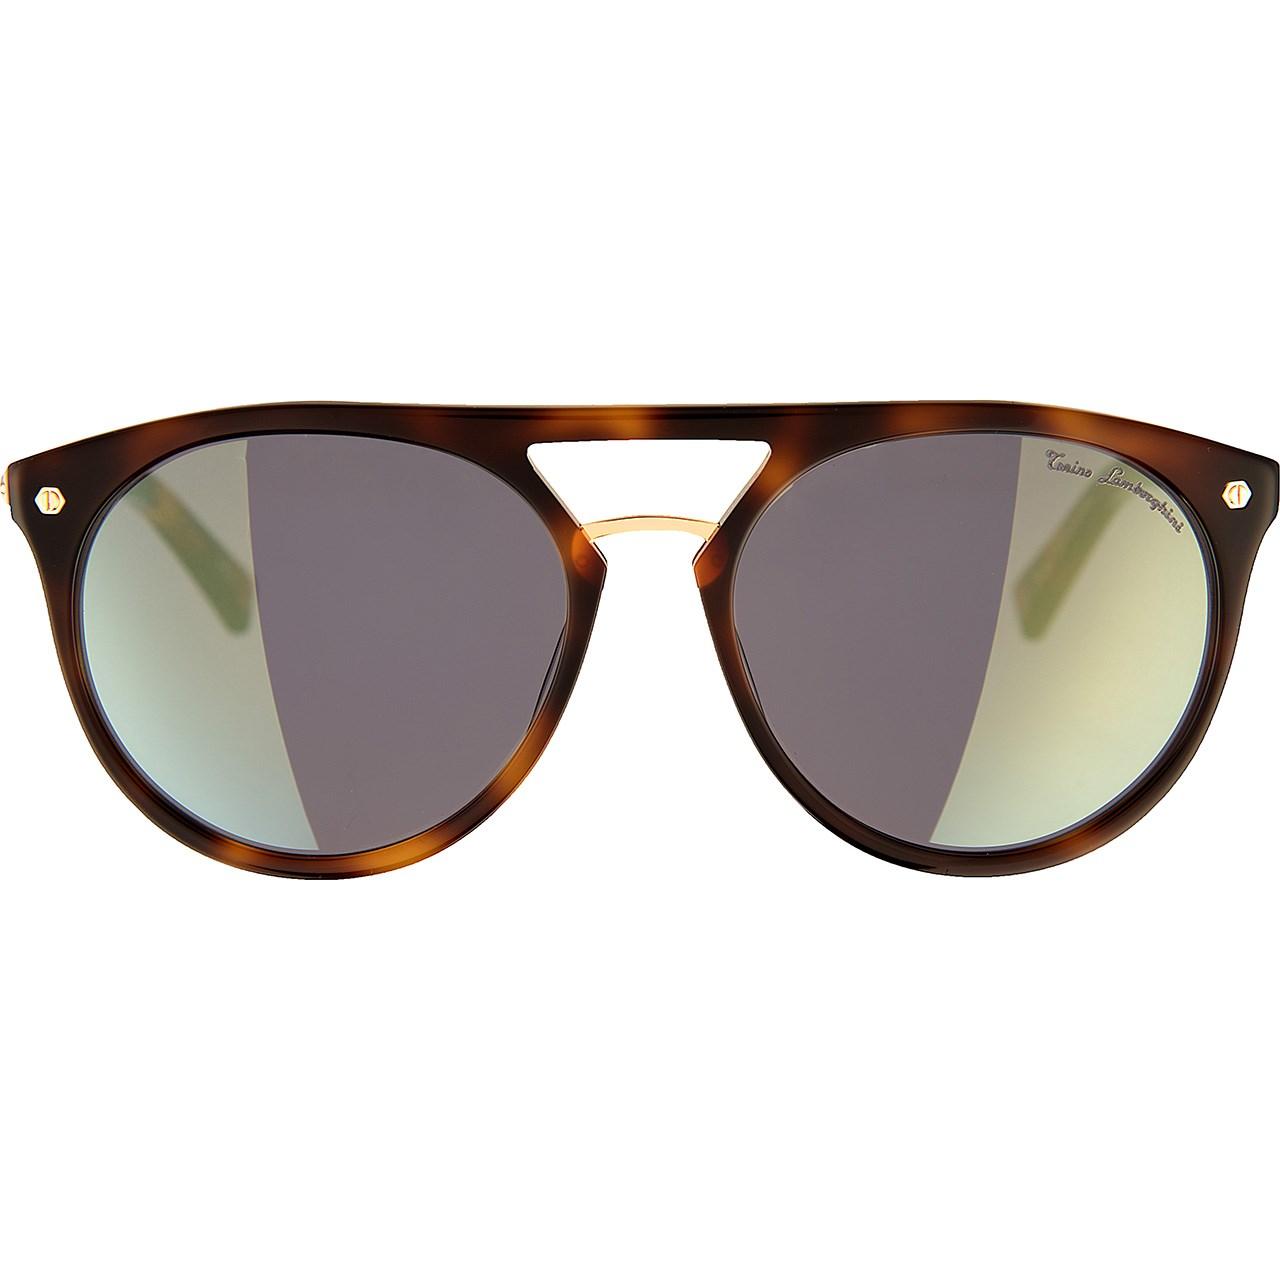 عینک آفتابی تونینو لامبورگینی مدل TL573-52